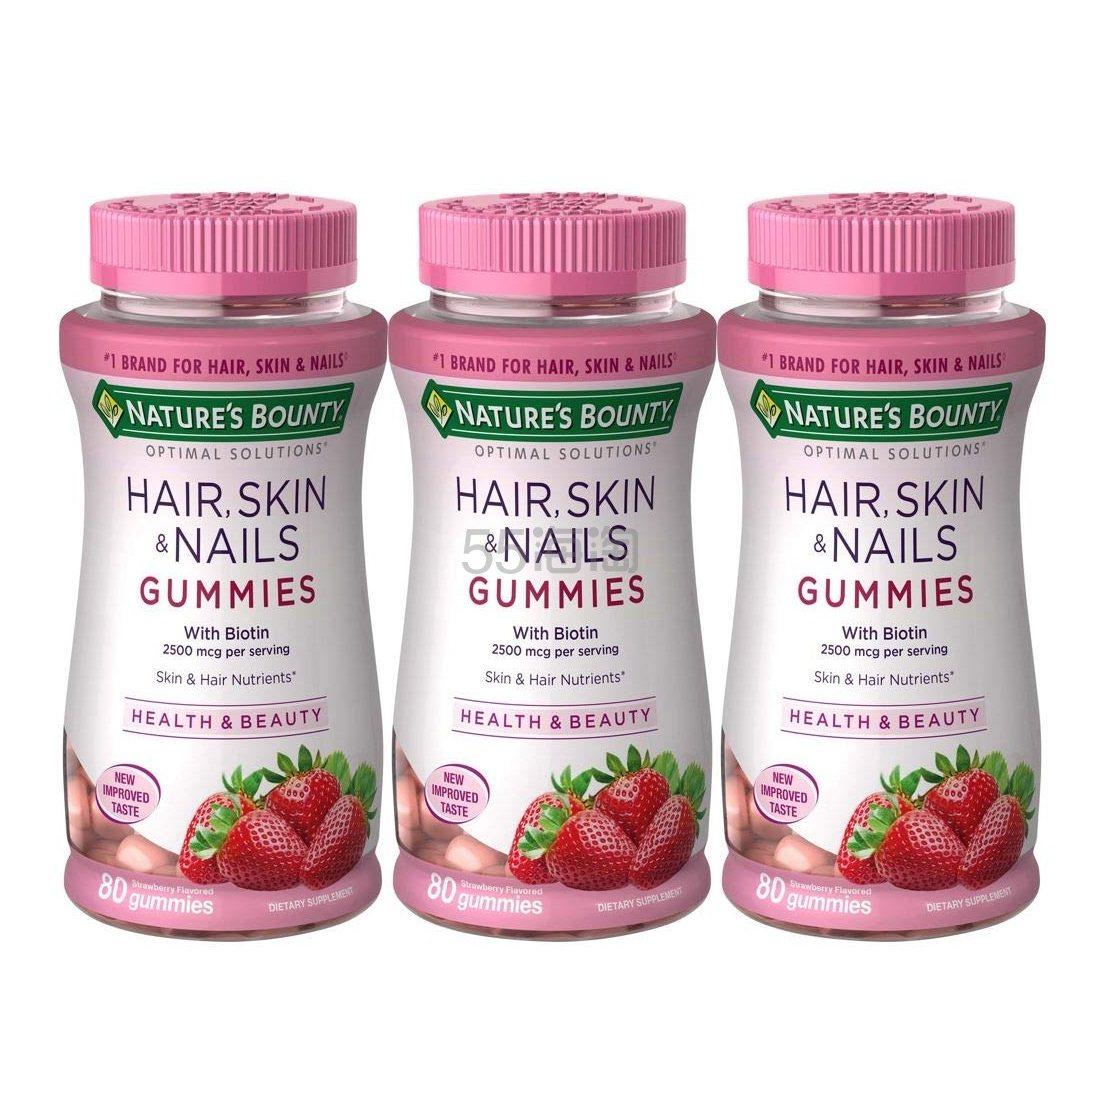 一瓶54元!【中亚Prime会员】Natures Bounty 自然之宝 胶原蛋白草莓软糖 80粒*3瓶 到手价163元 - 海淘优惠海淘折扣|55海淘网